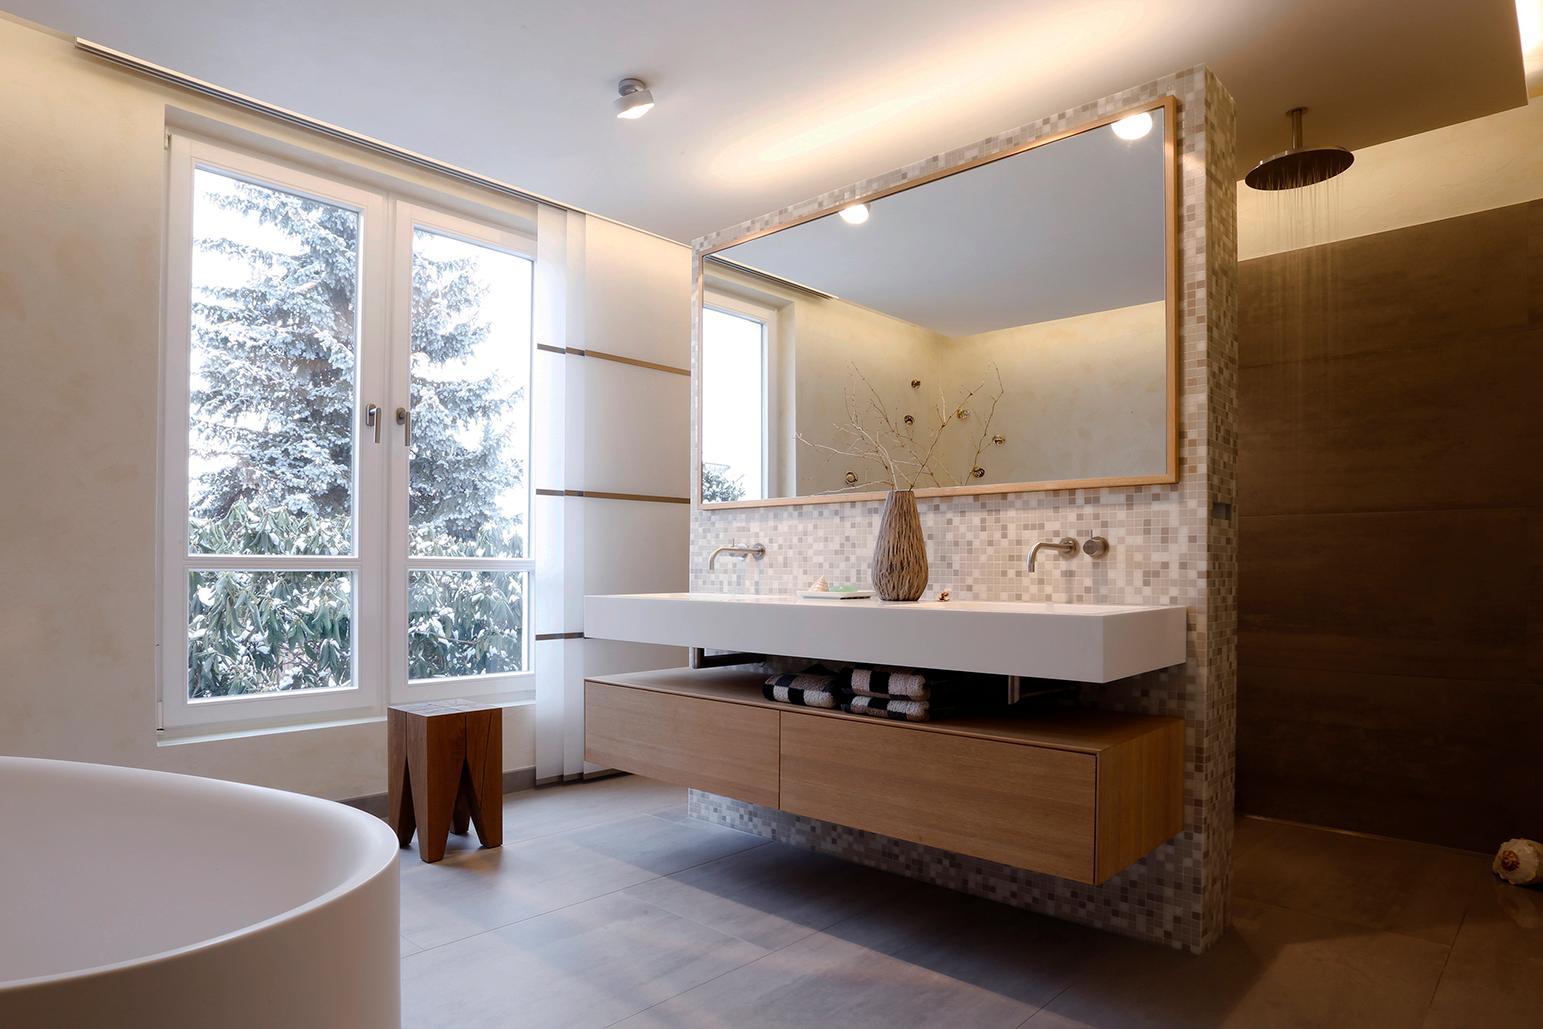 Badezimmer Erdton Fotostudio Fotogen With Wohnzimmer Erdtne